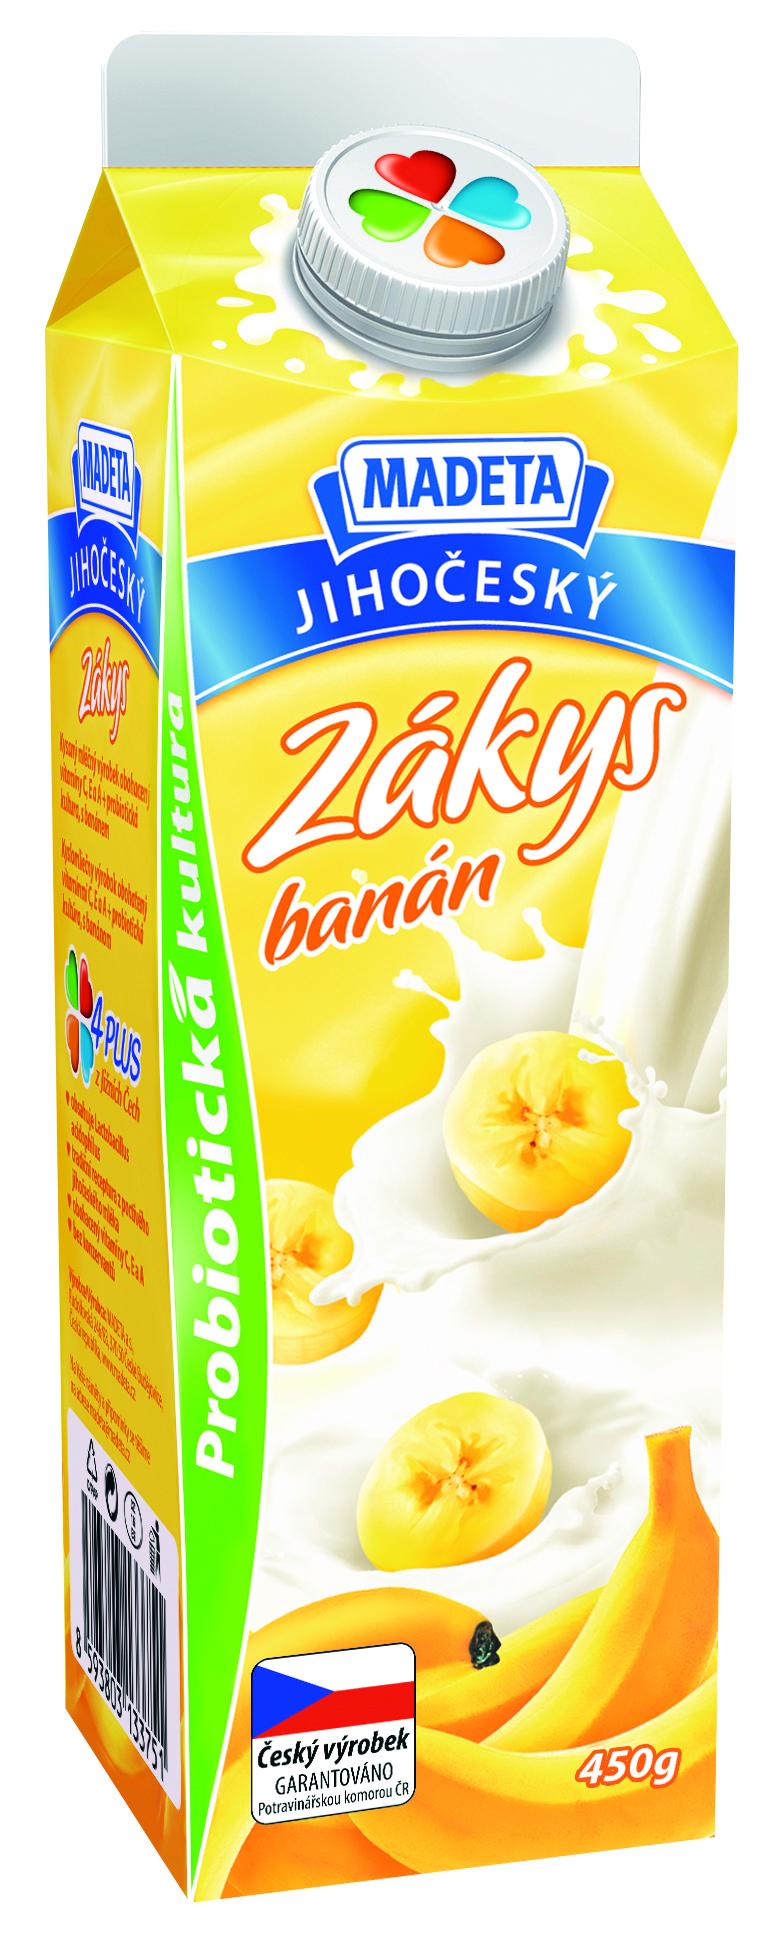 Značka Zákys banán